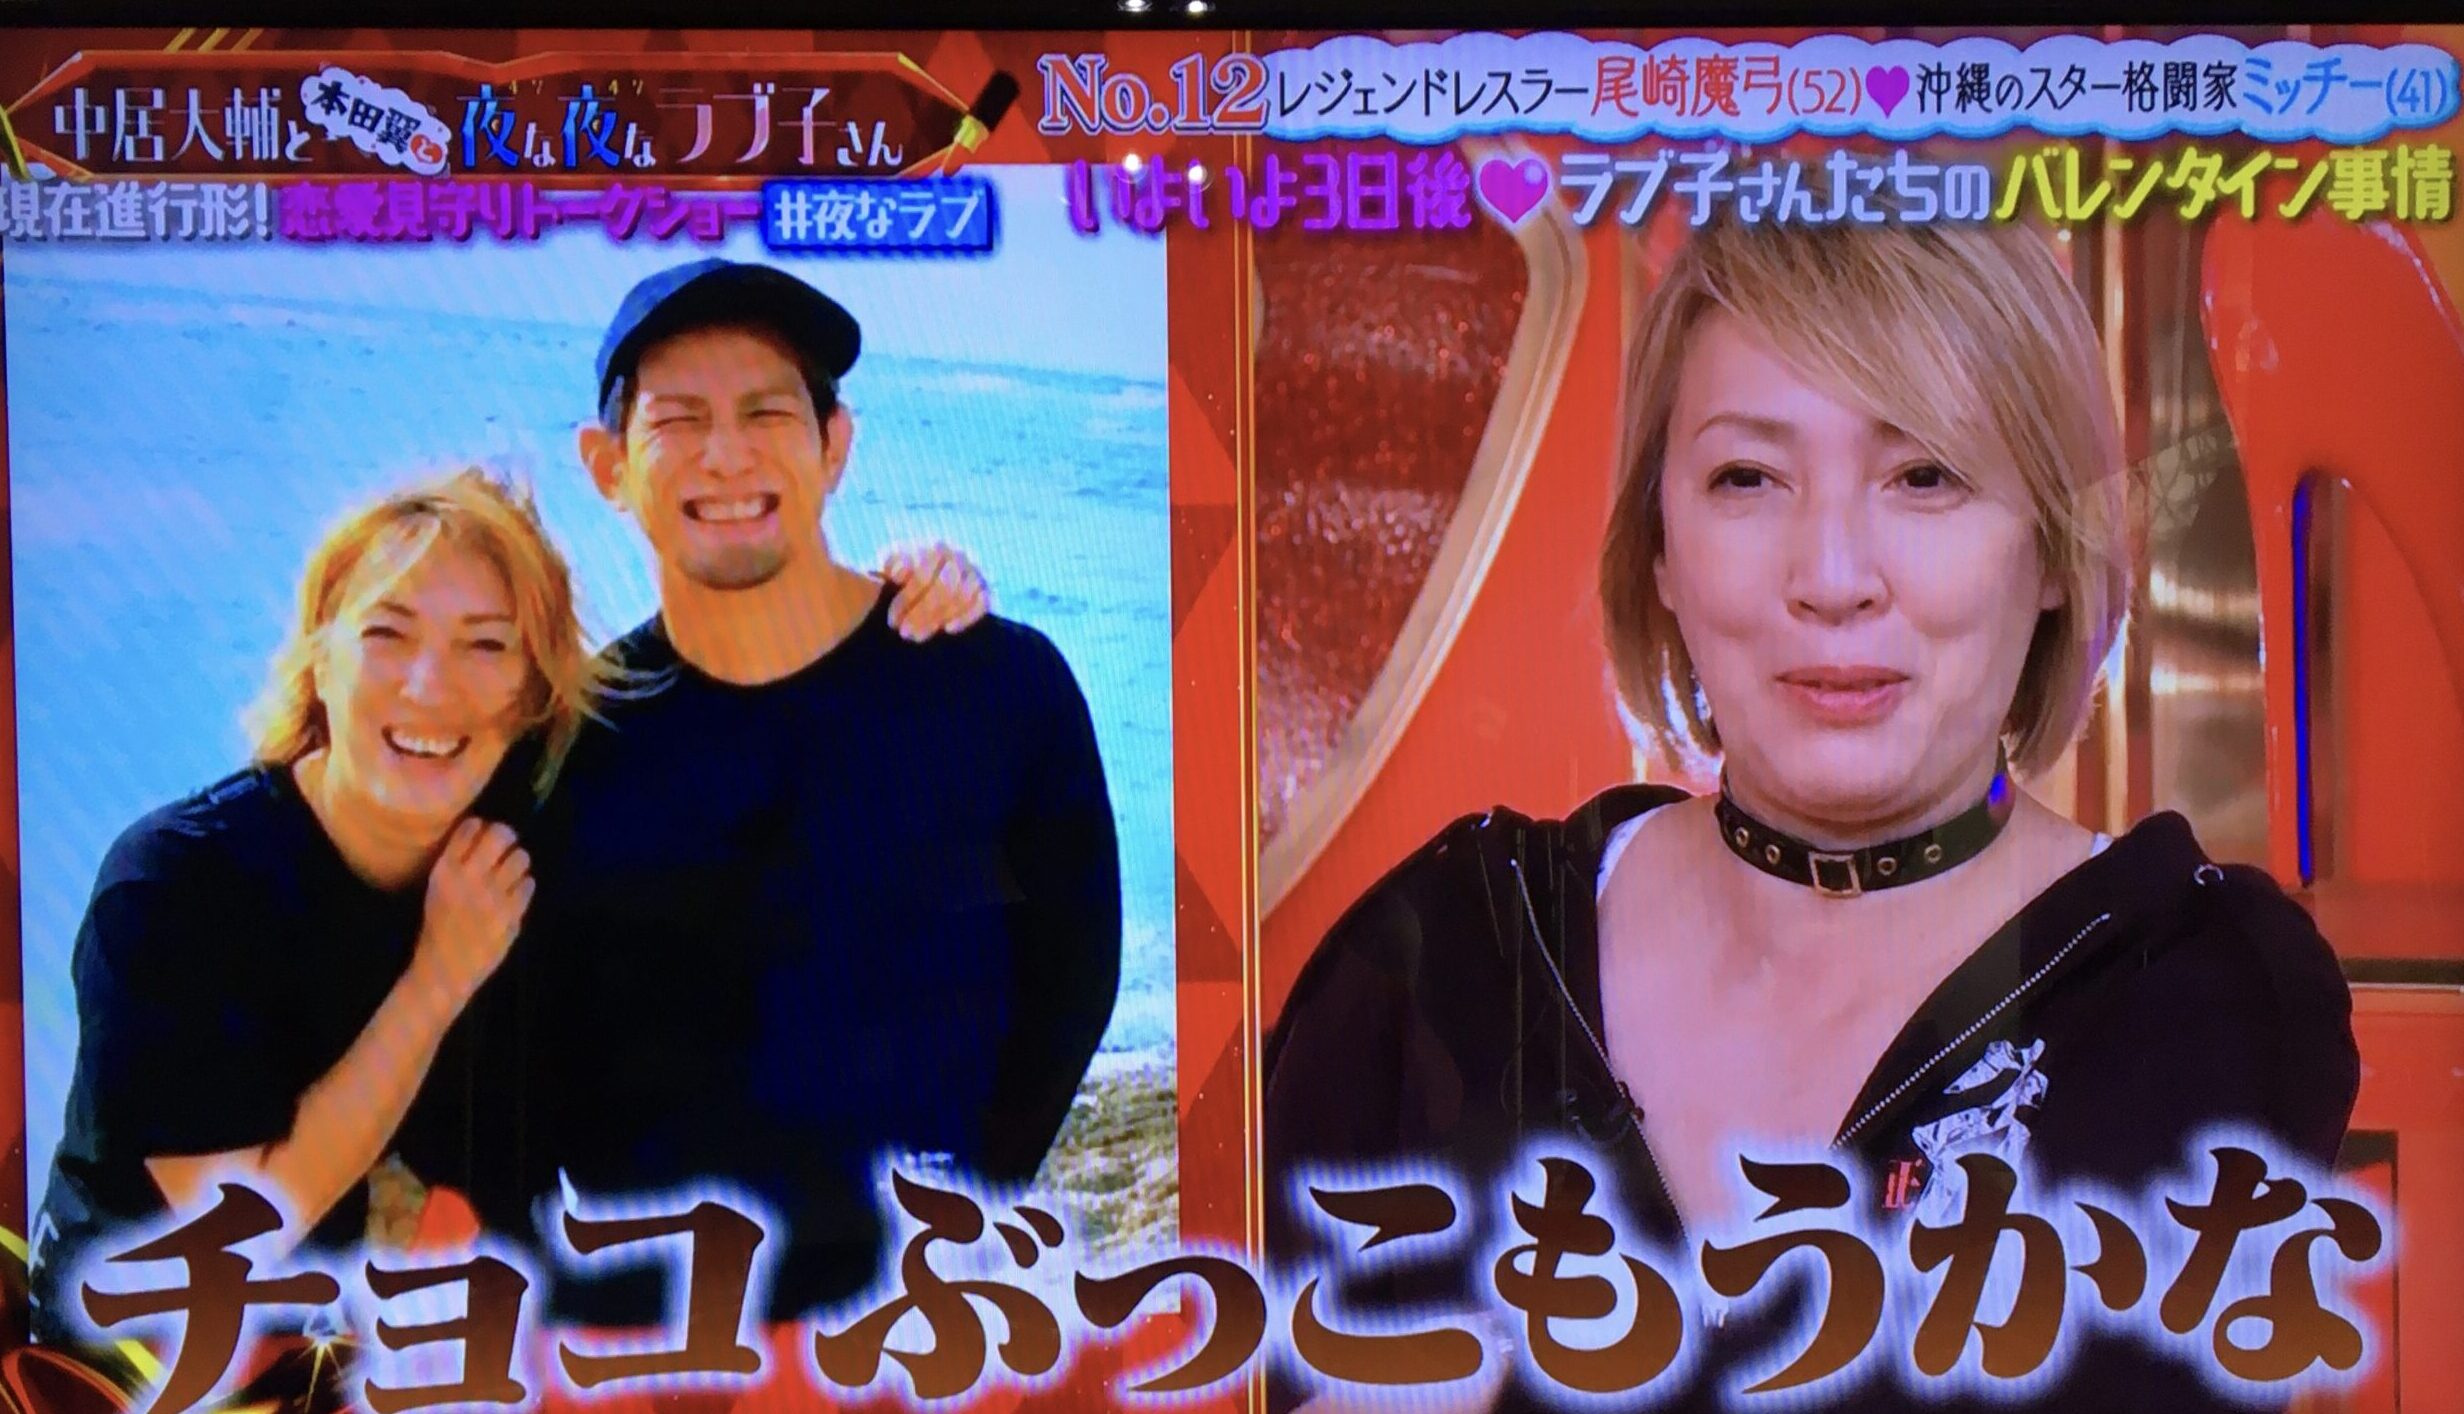 OZアカデミー女子プロレス尾崎選手と彼氏ミッチーの写真